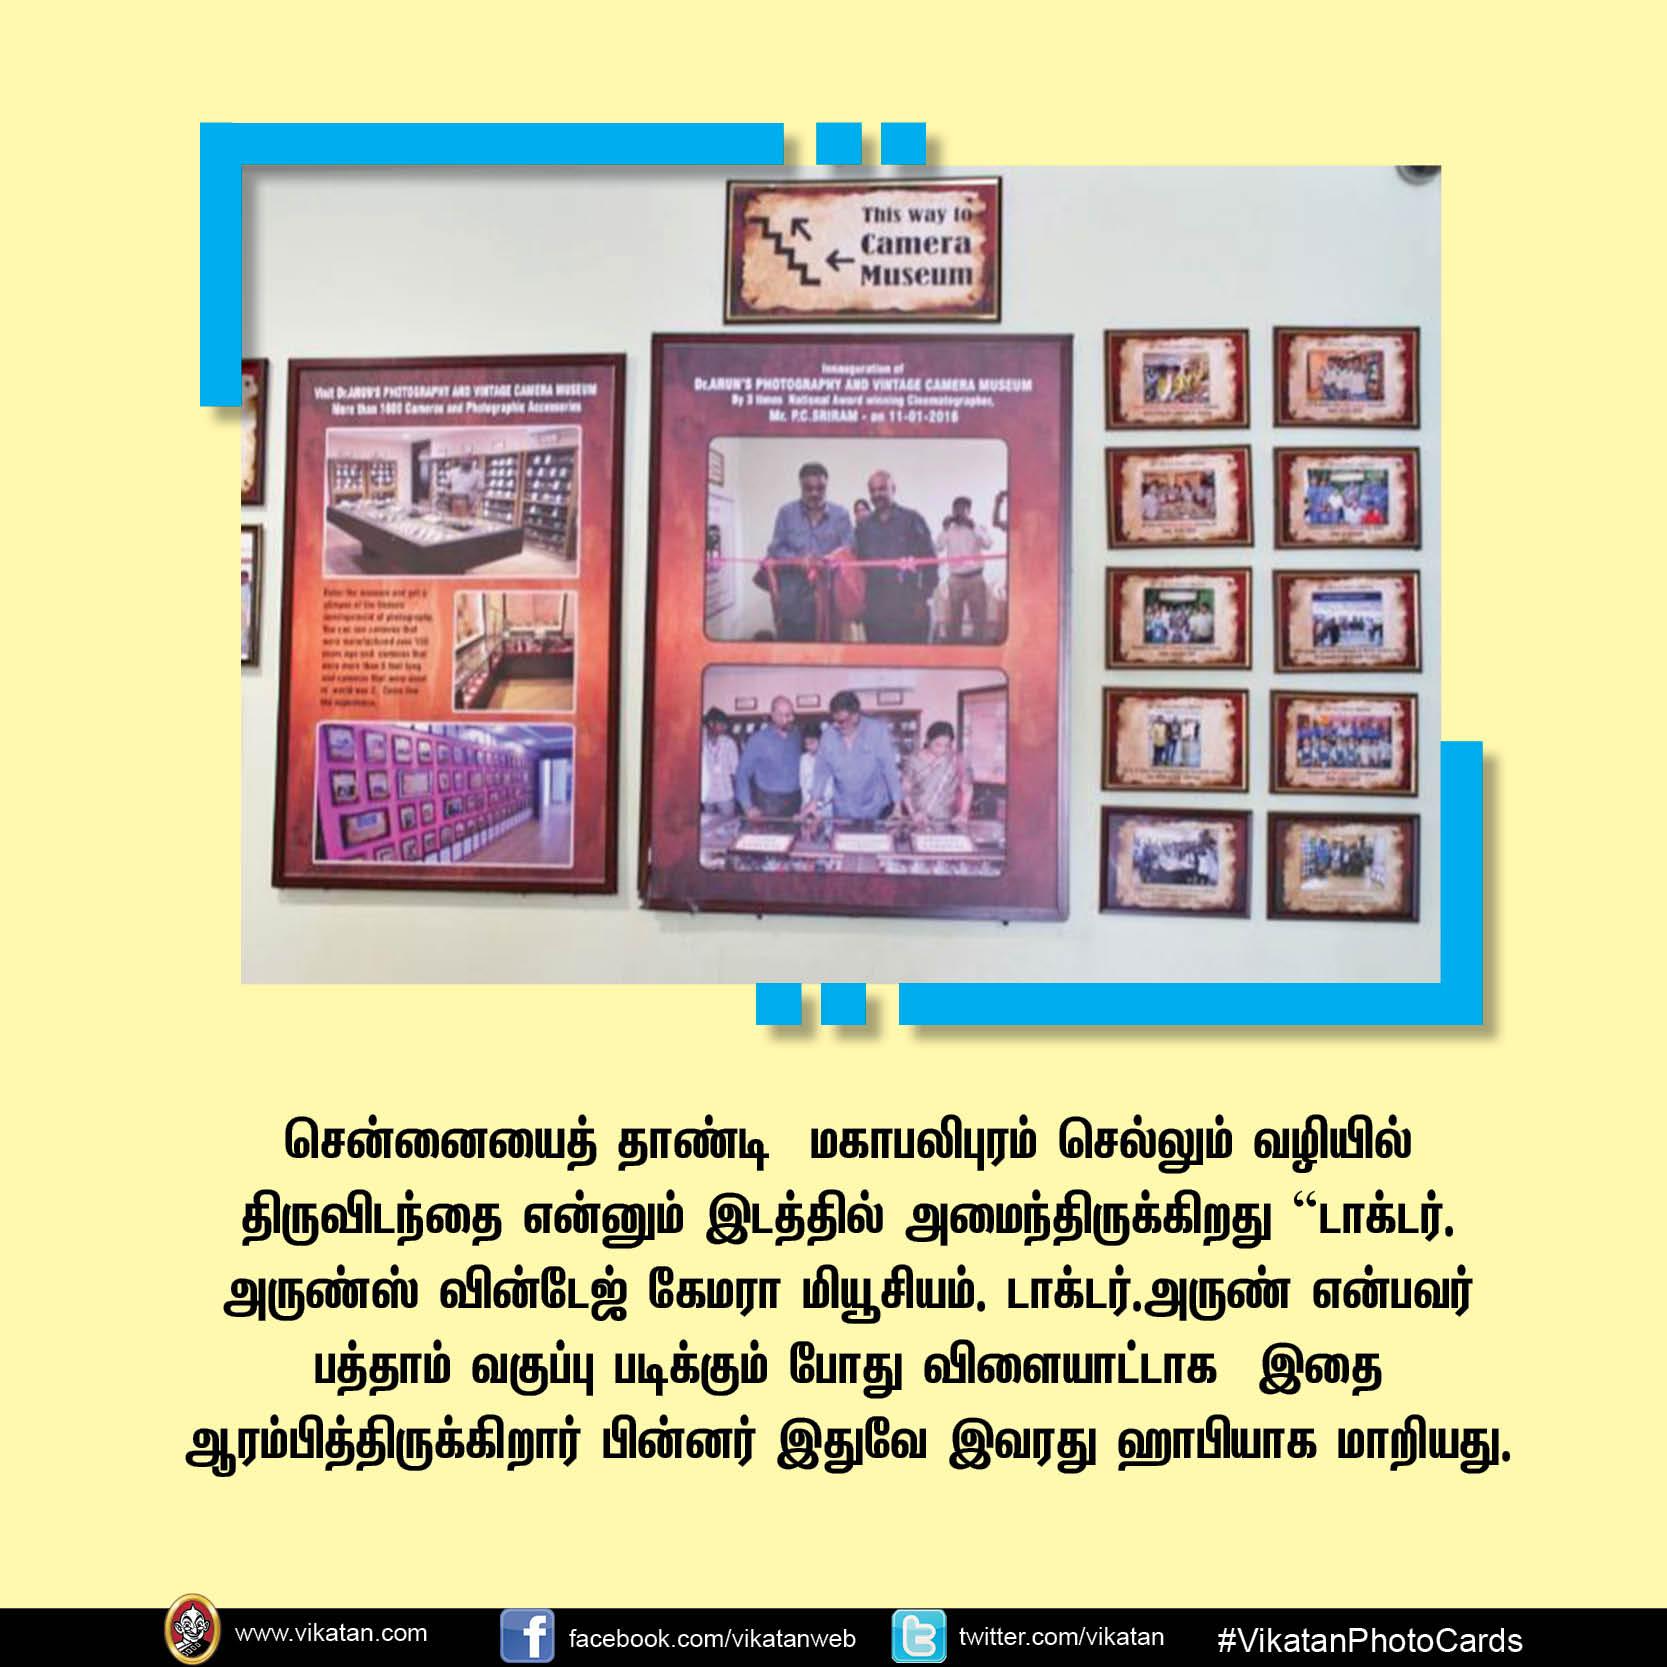 ஜப்பான் ராணுவத்தின் ஸ்பை கேமரா பார்த்திருக்கீங்களா?! - வின்டேஜ் கேமராக்களின் தொகுப்பு #VikatanPhotoCards